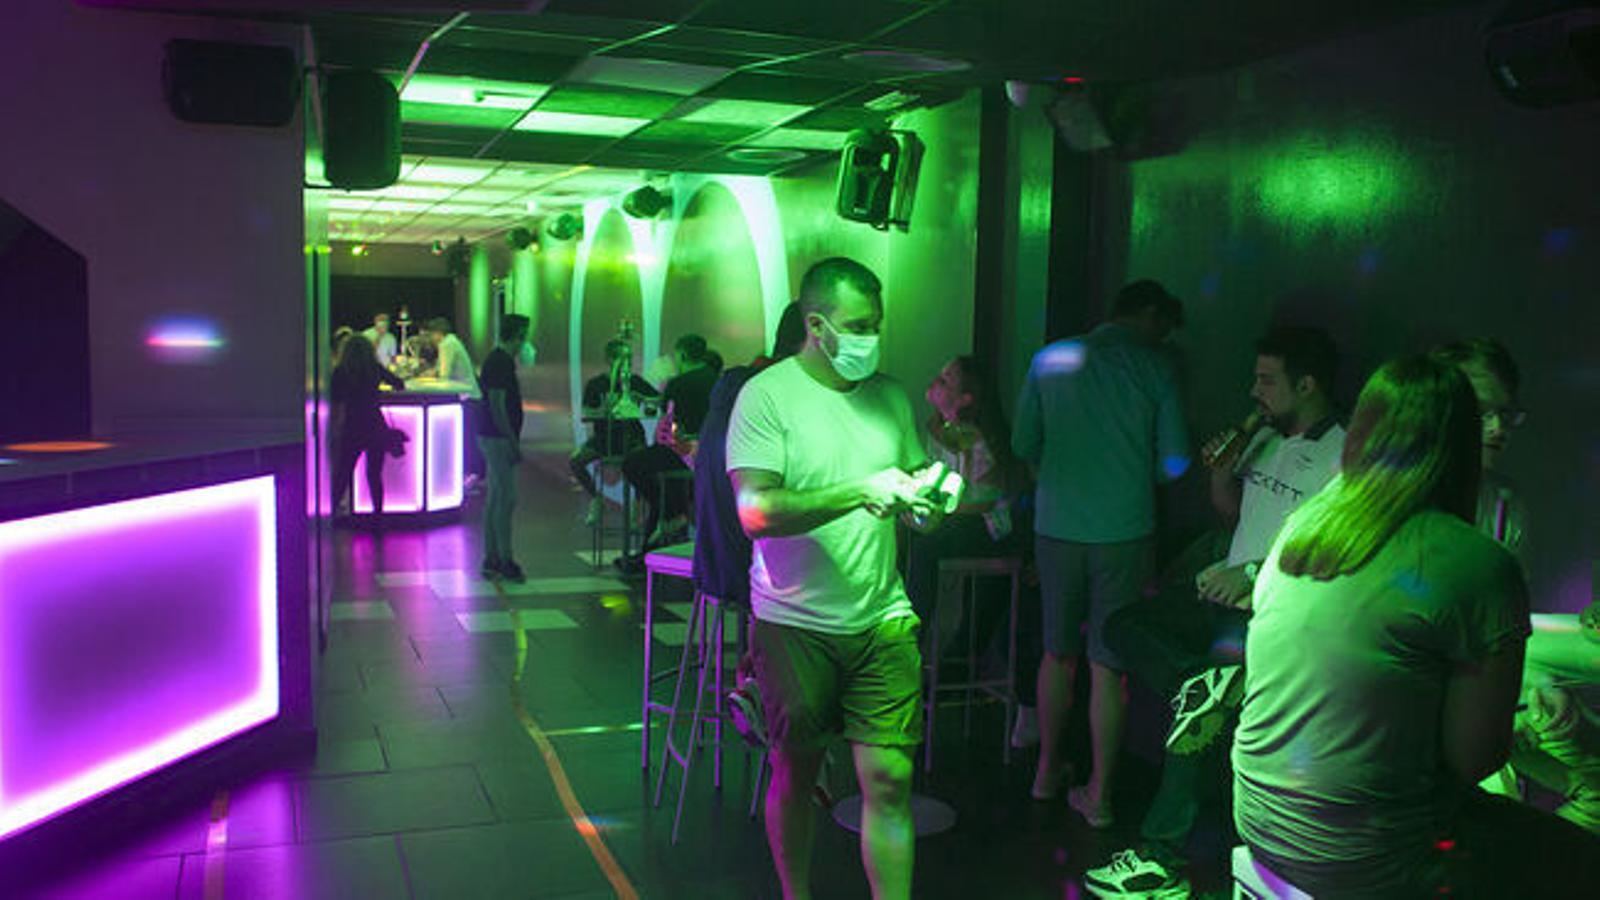 Imatge d'arxiu de l'interior d'una discoteca.